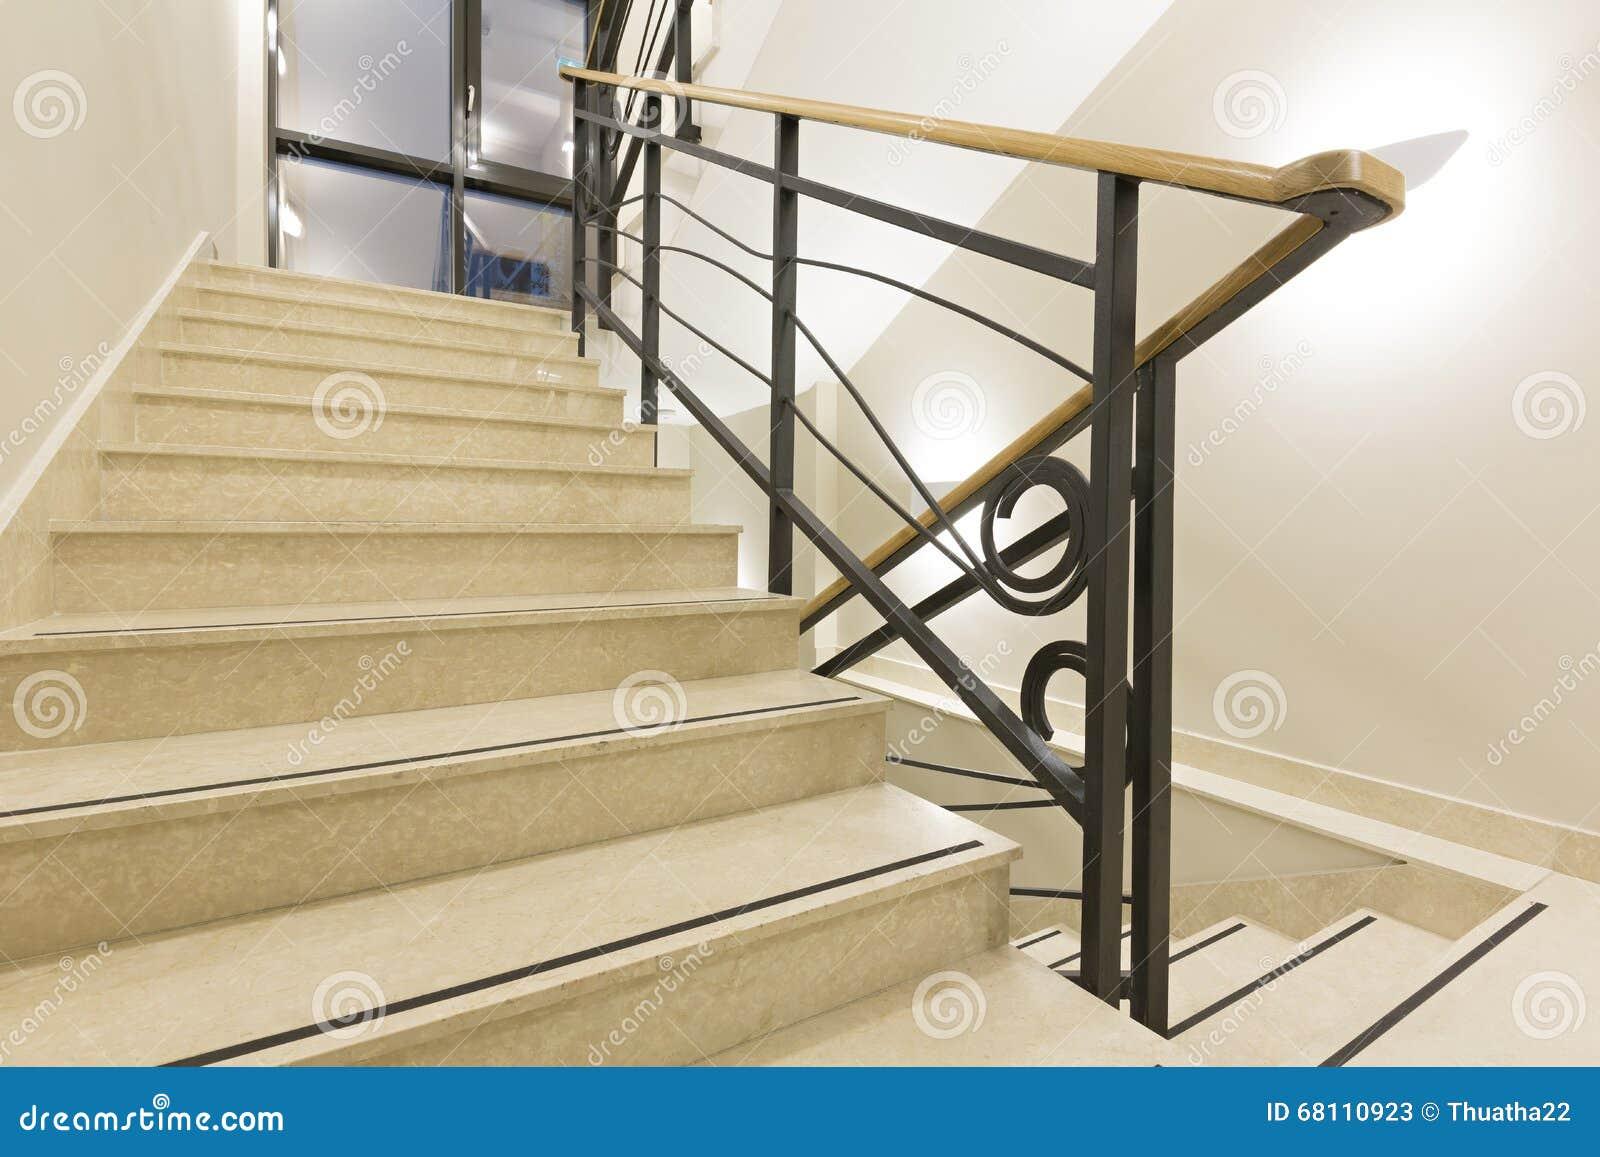 Escaleras de m rmol de lujo en pasillo del hotel foto de - Marmol para escaleras ...